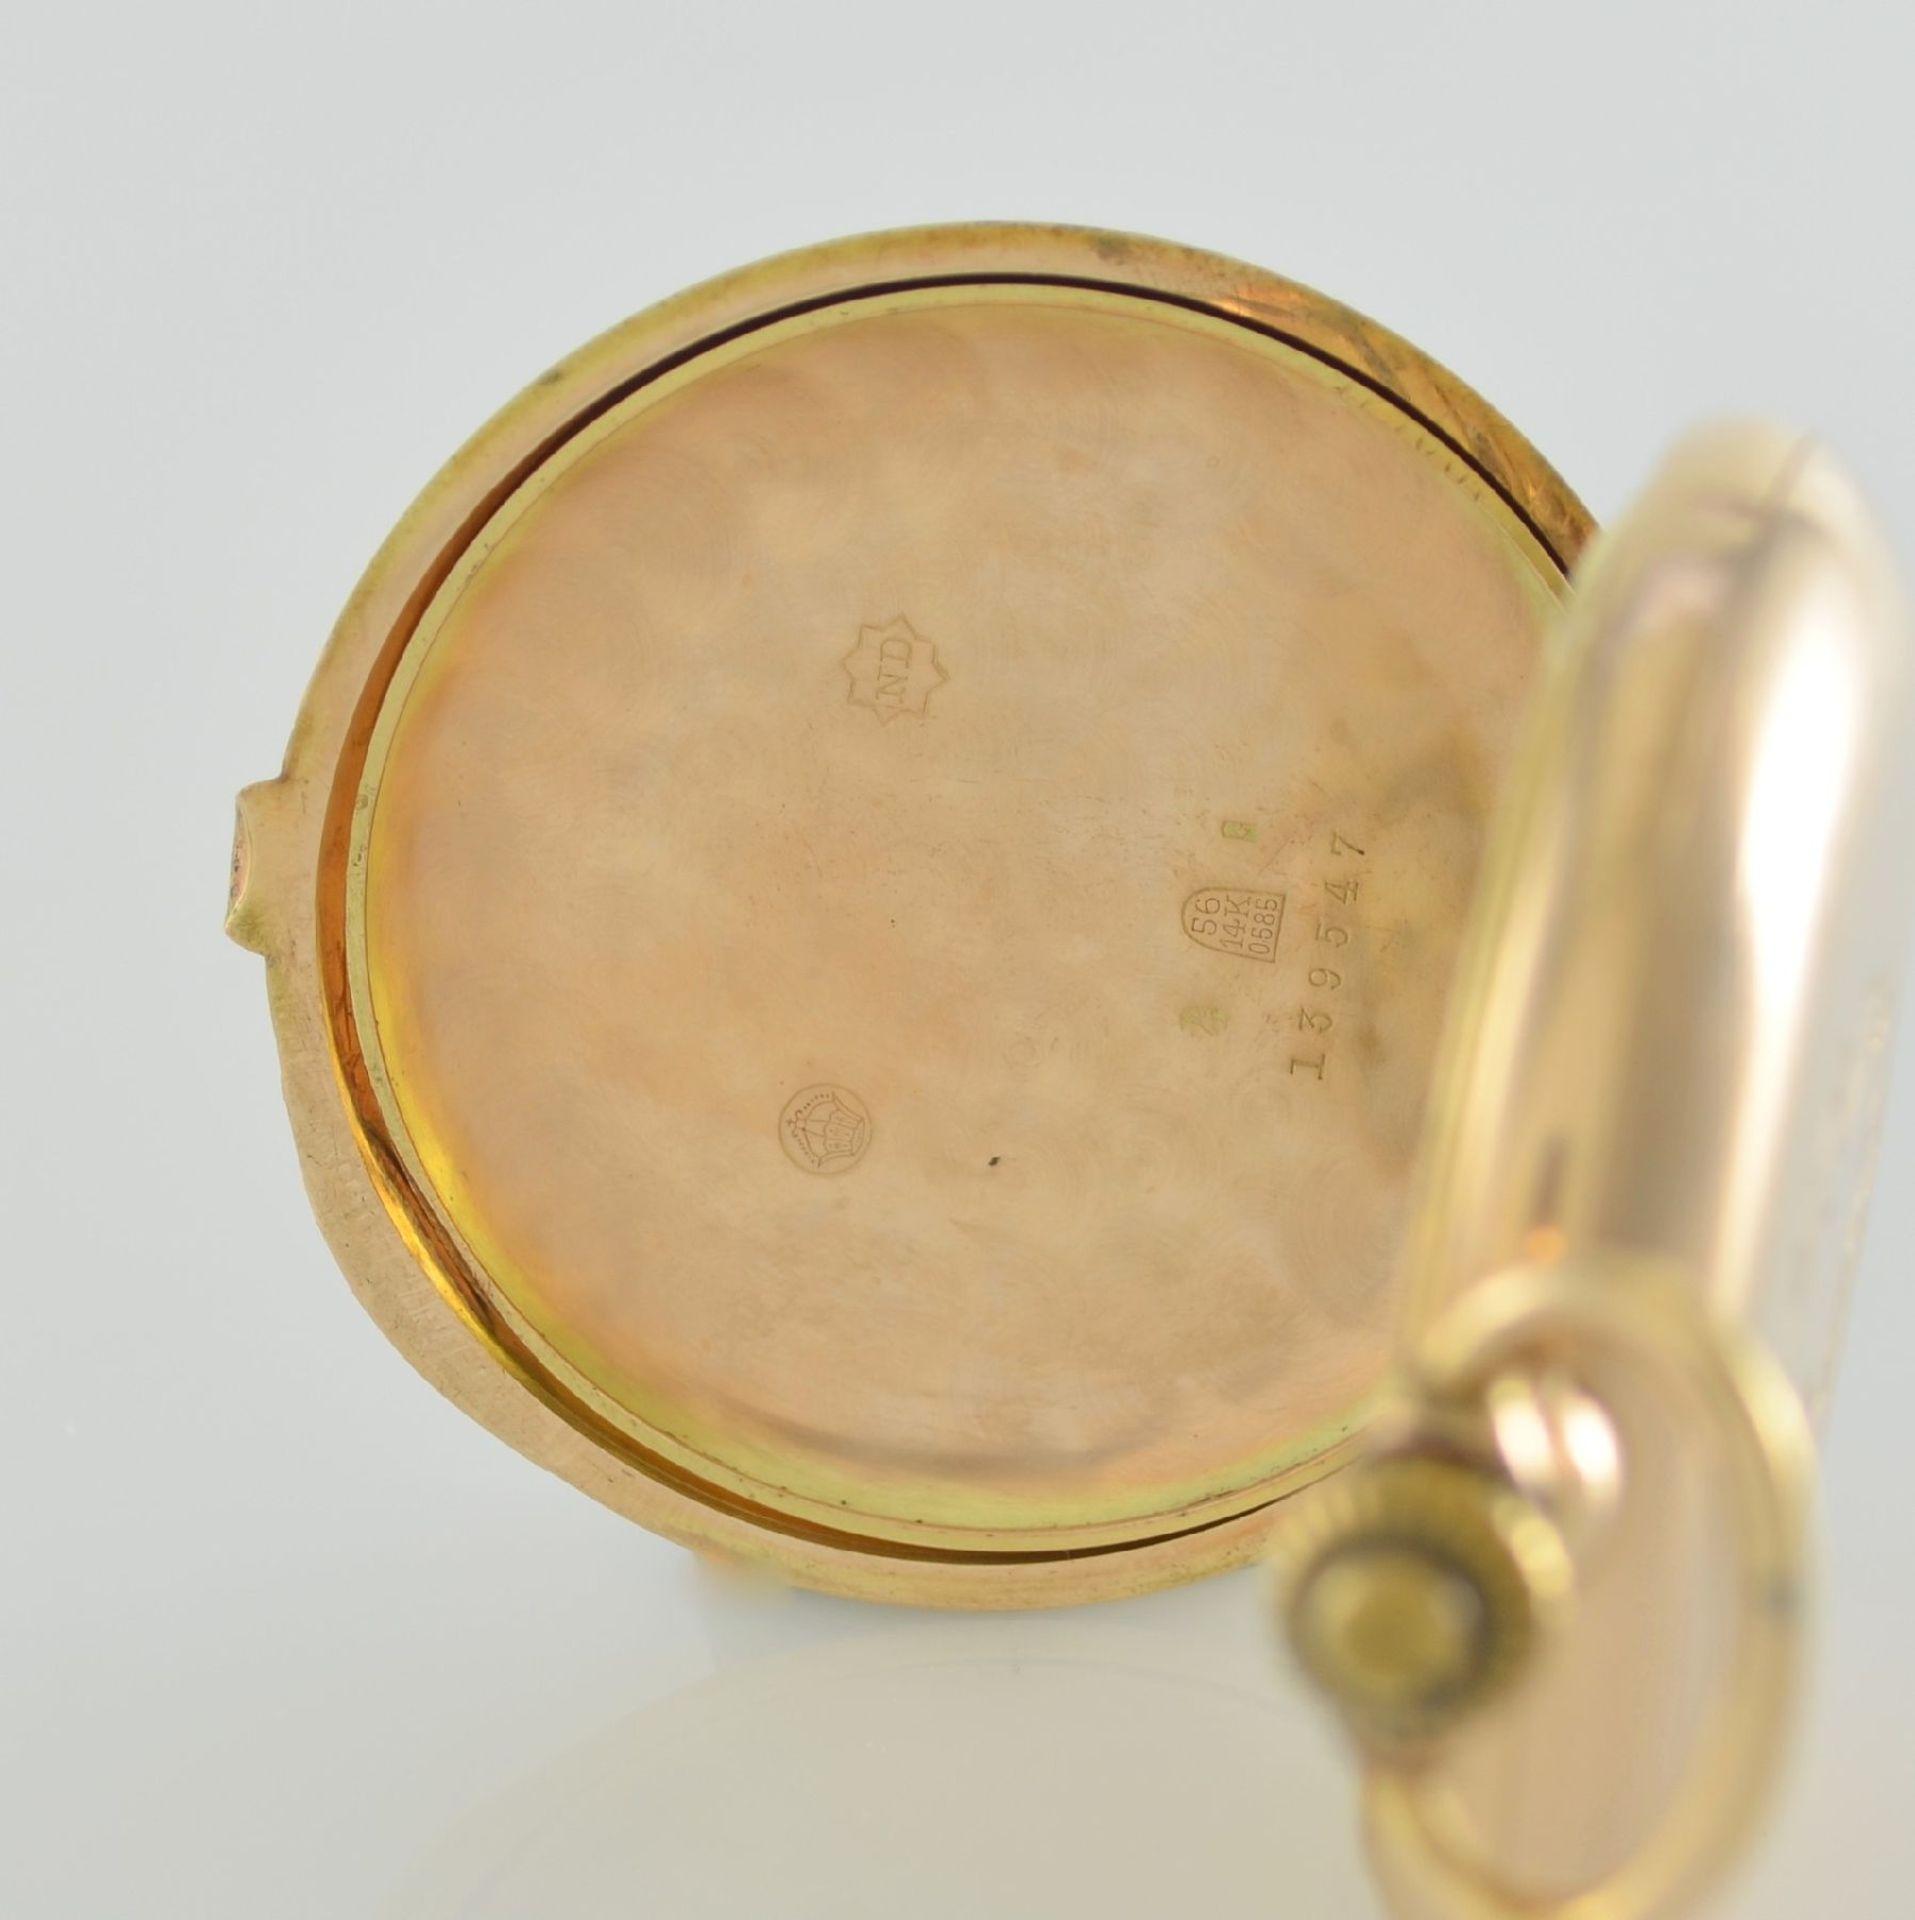 Herrensavonette in RG 585/000, Schweiz um 1900, guill. 3-Deckel-Goldgeh. dell. m. à- goutte- - Bild 6 aus 7